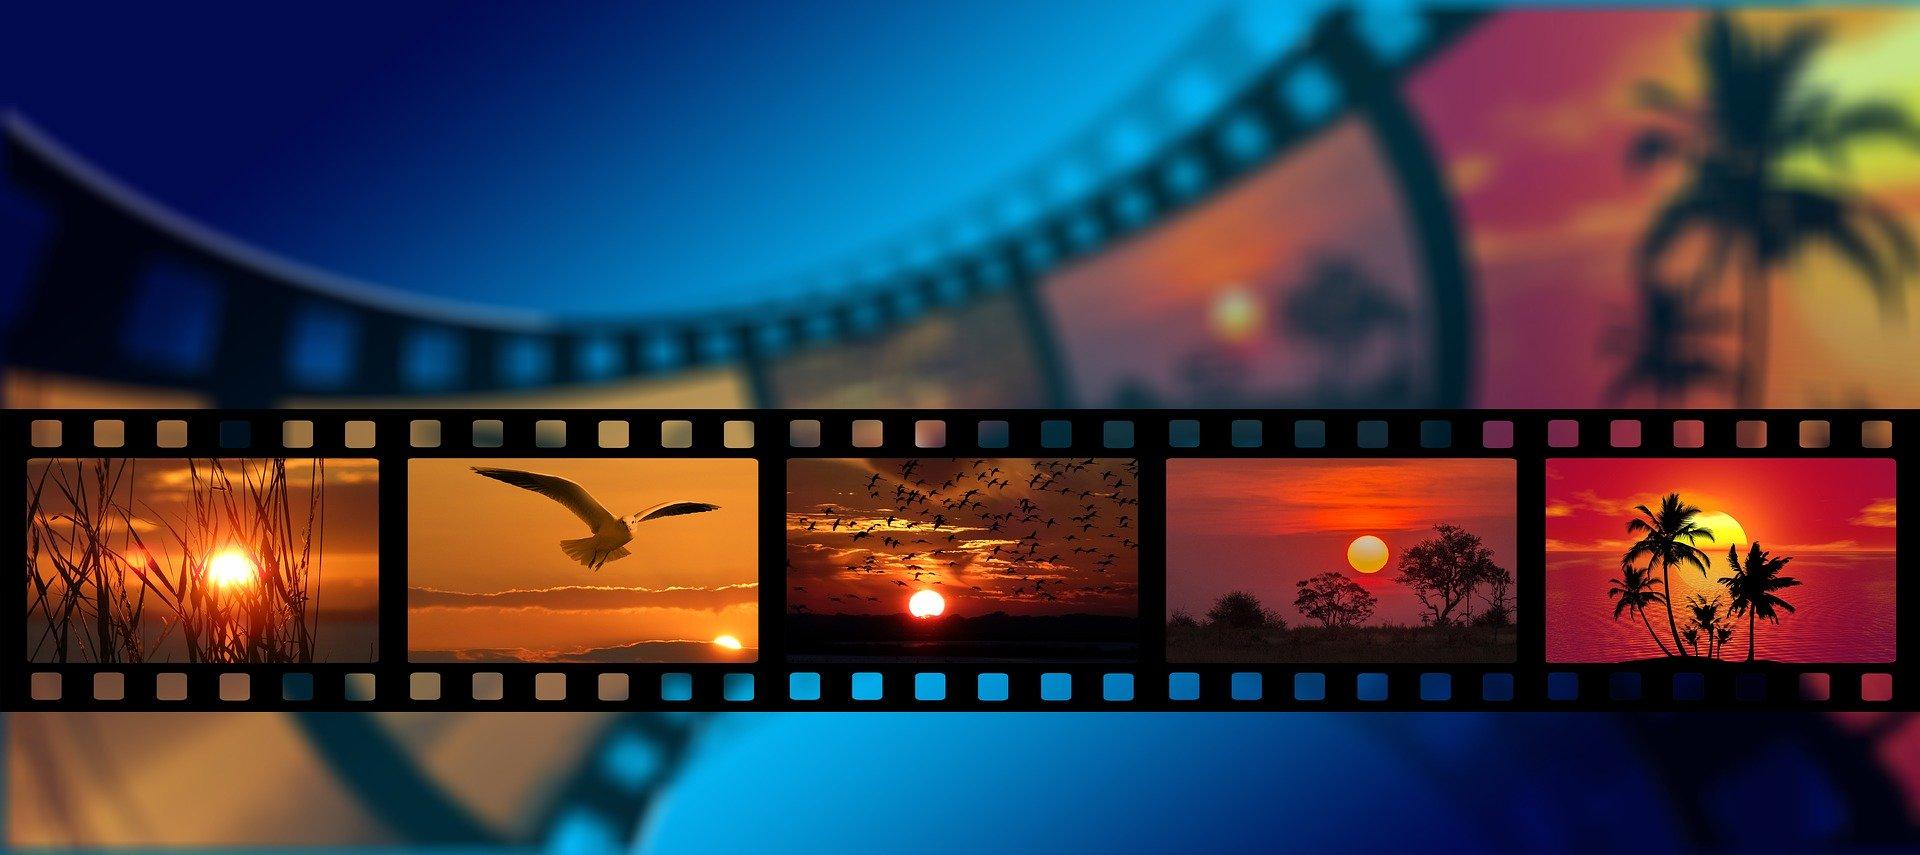 Accès libre au catalogue de films de la cinémathèque de Milan. Pour y accéder, il suffit simplement